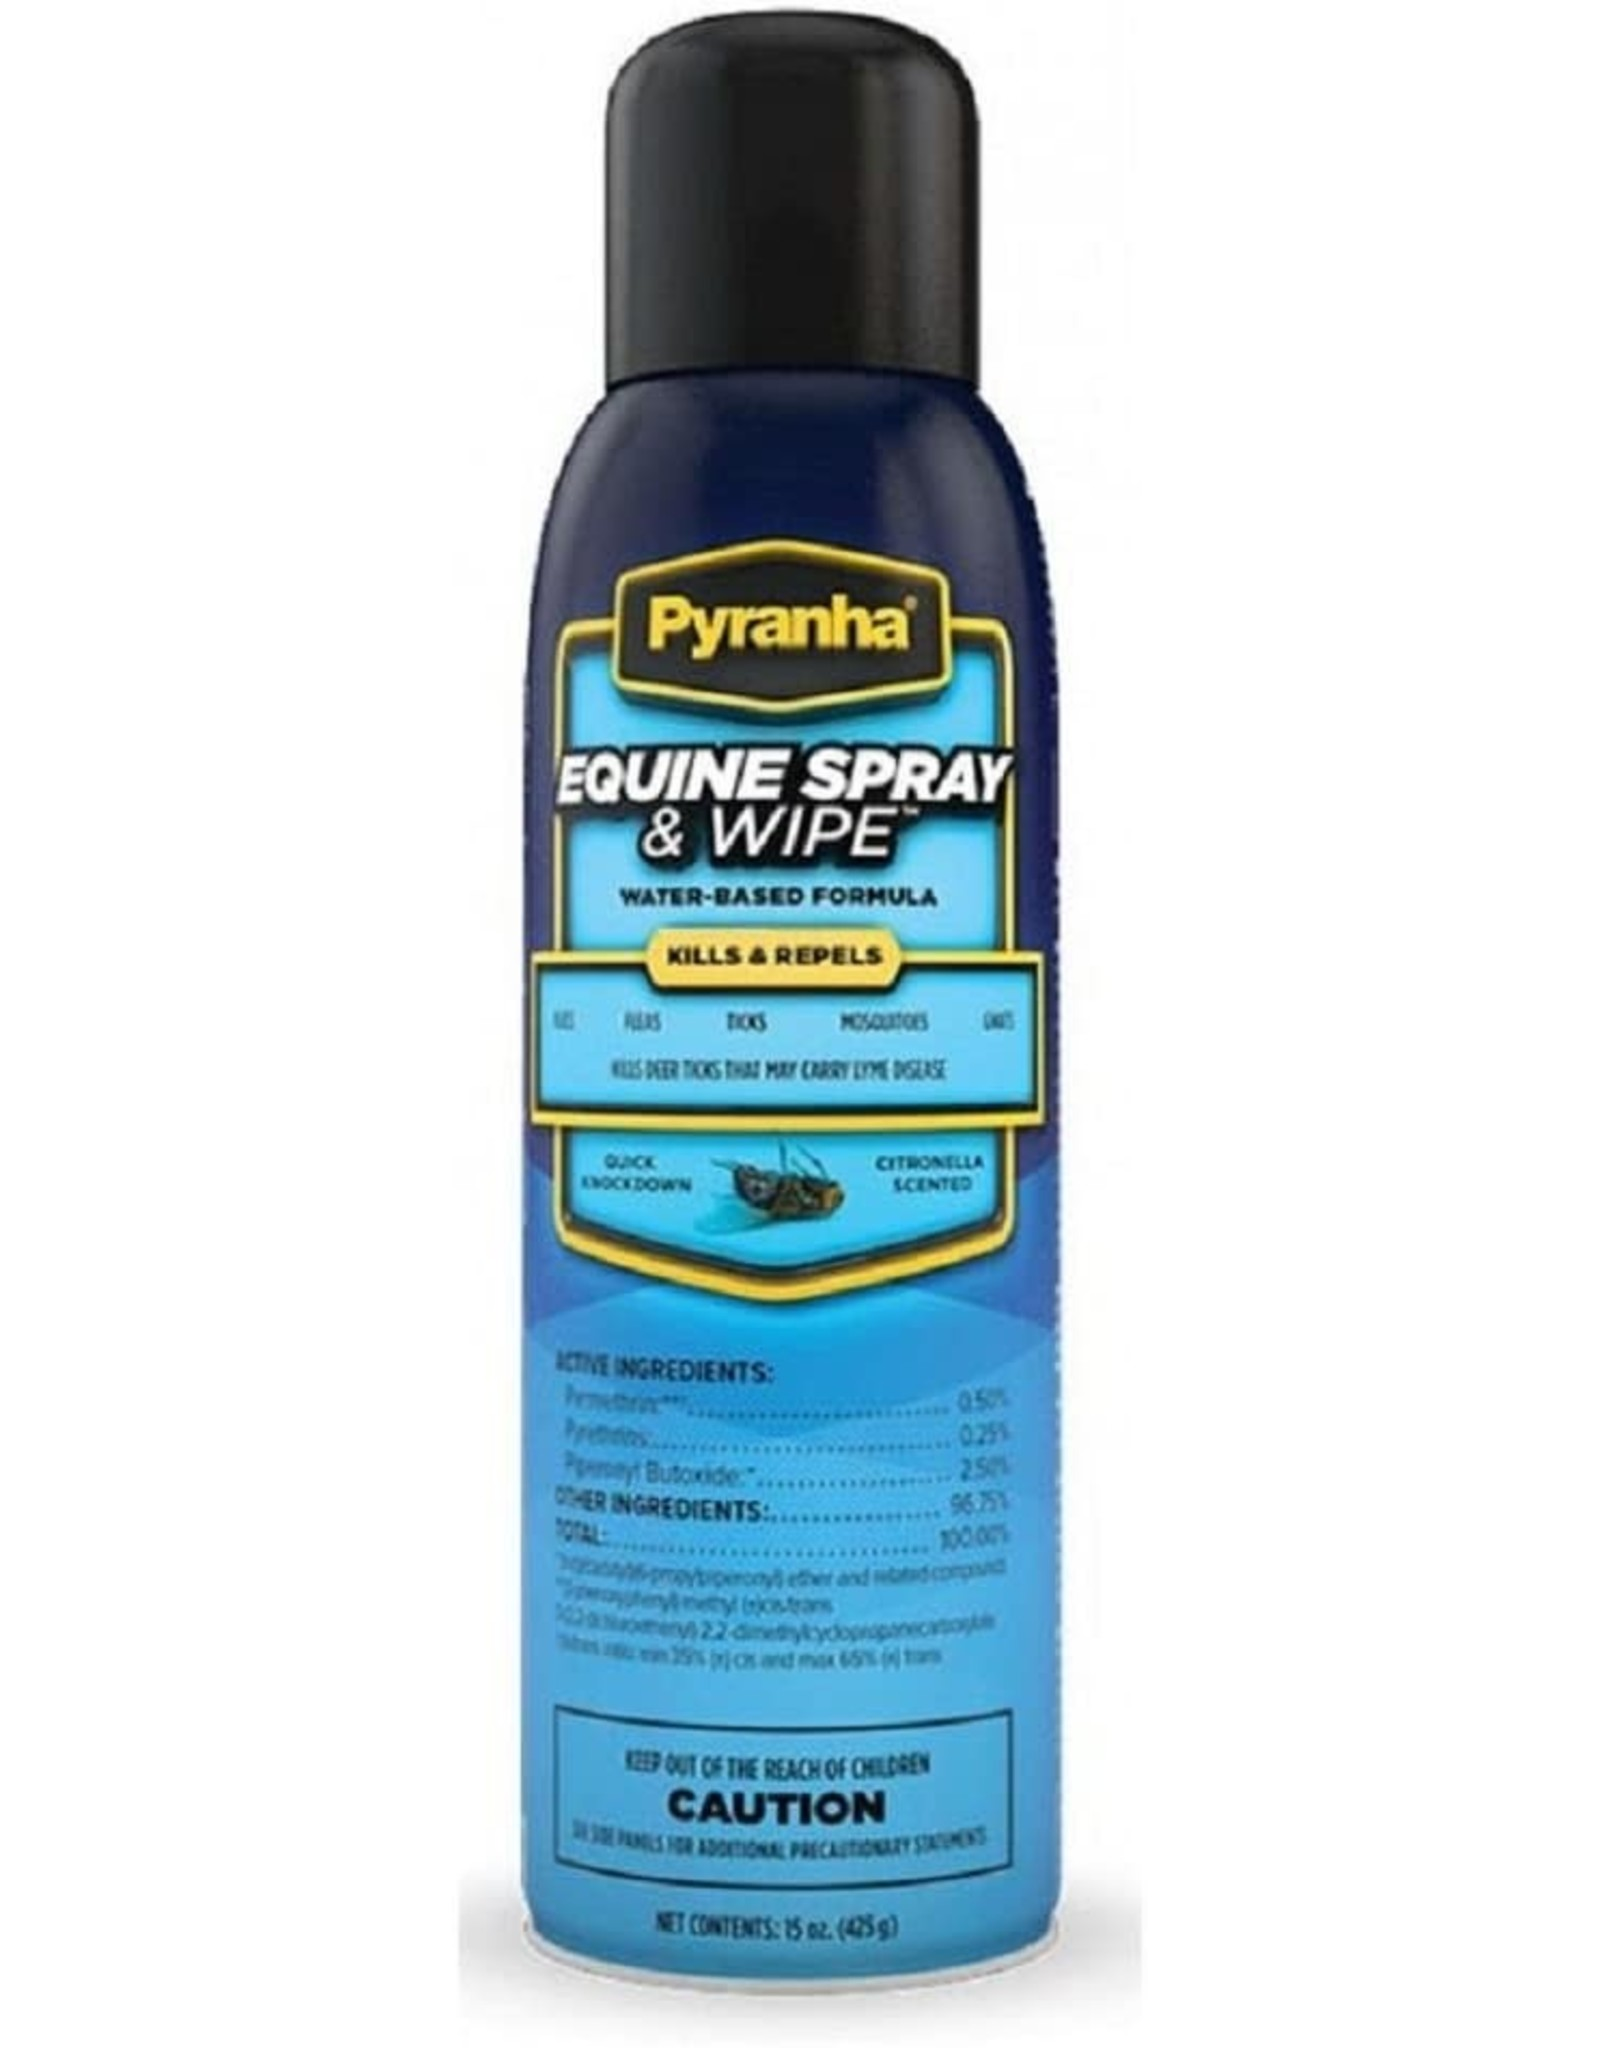 Pyranha Equine Spray & Wipe BOV Can